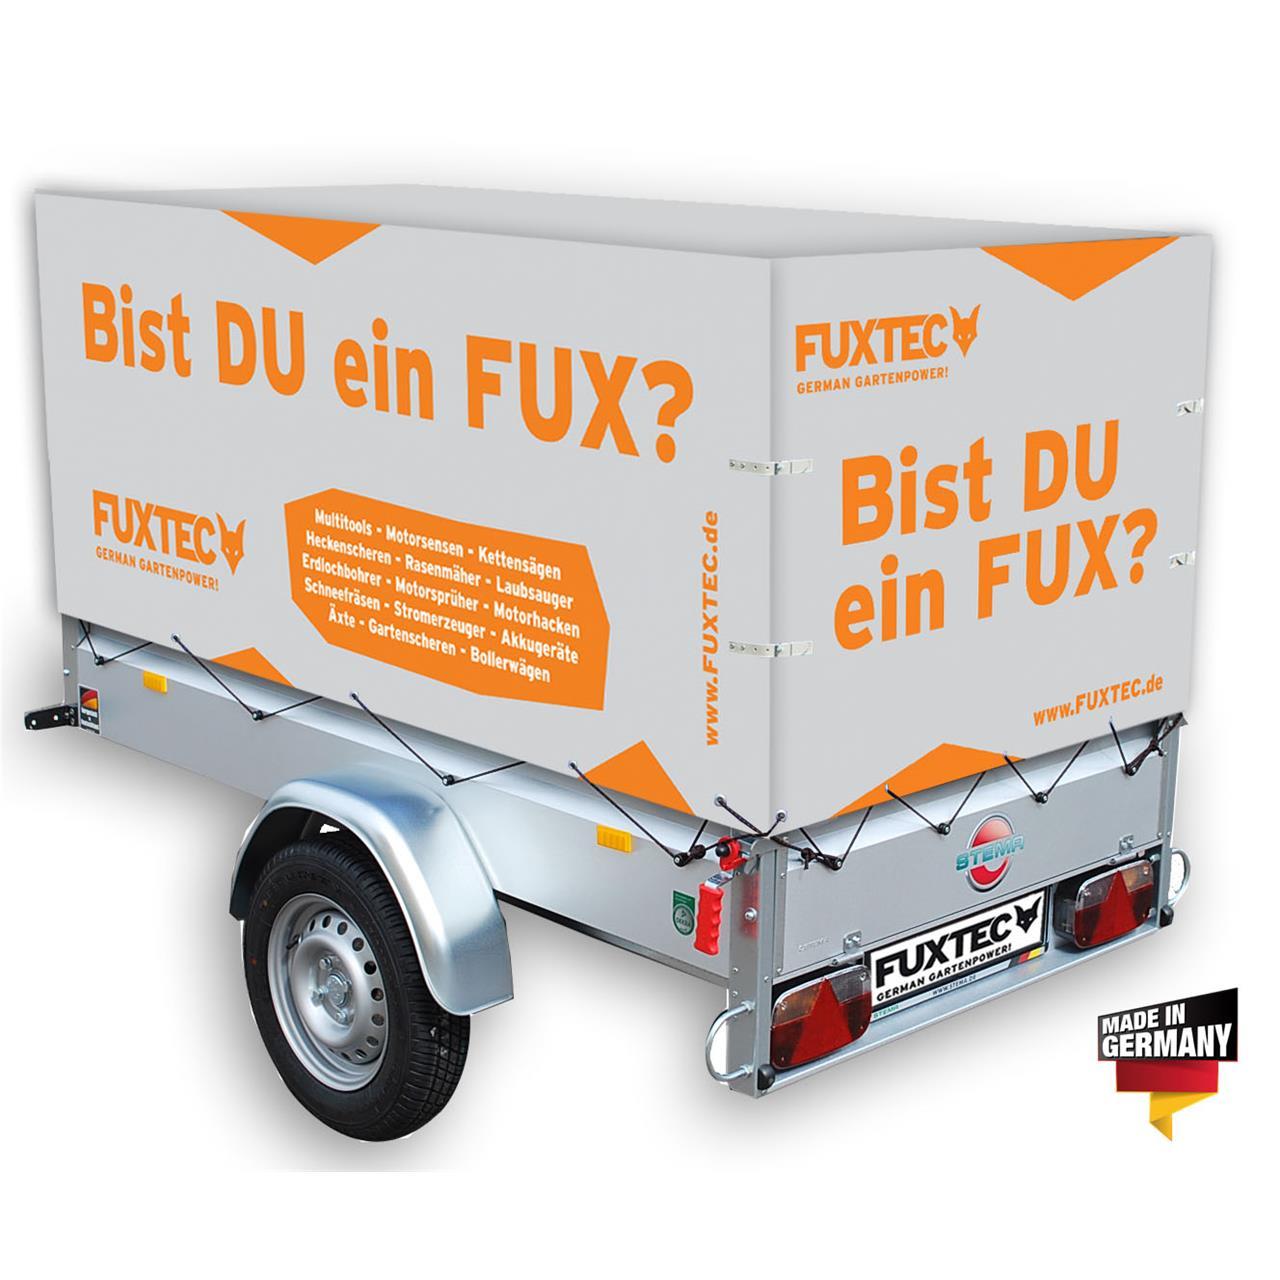 FUXTEC STEMA Hochplane für Anhänger grau orange